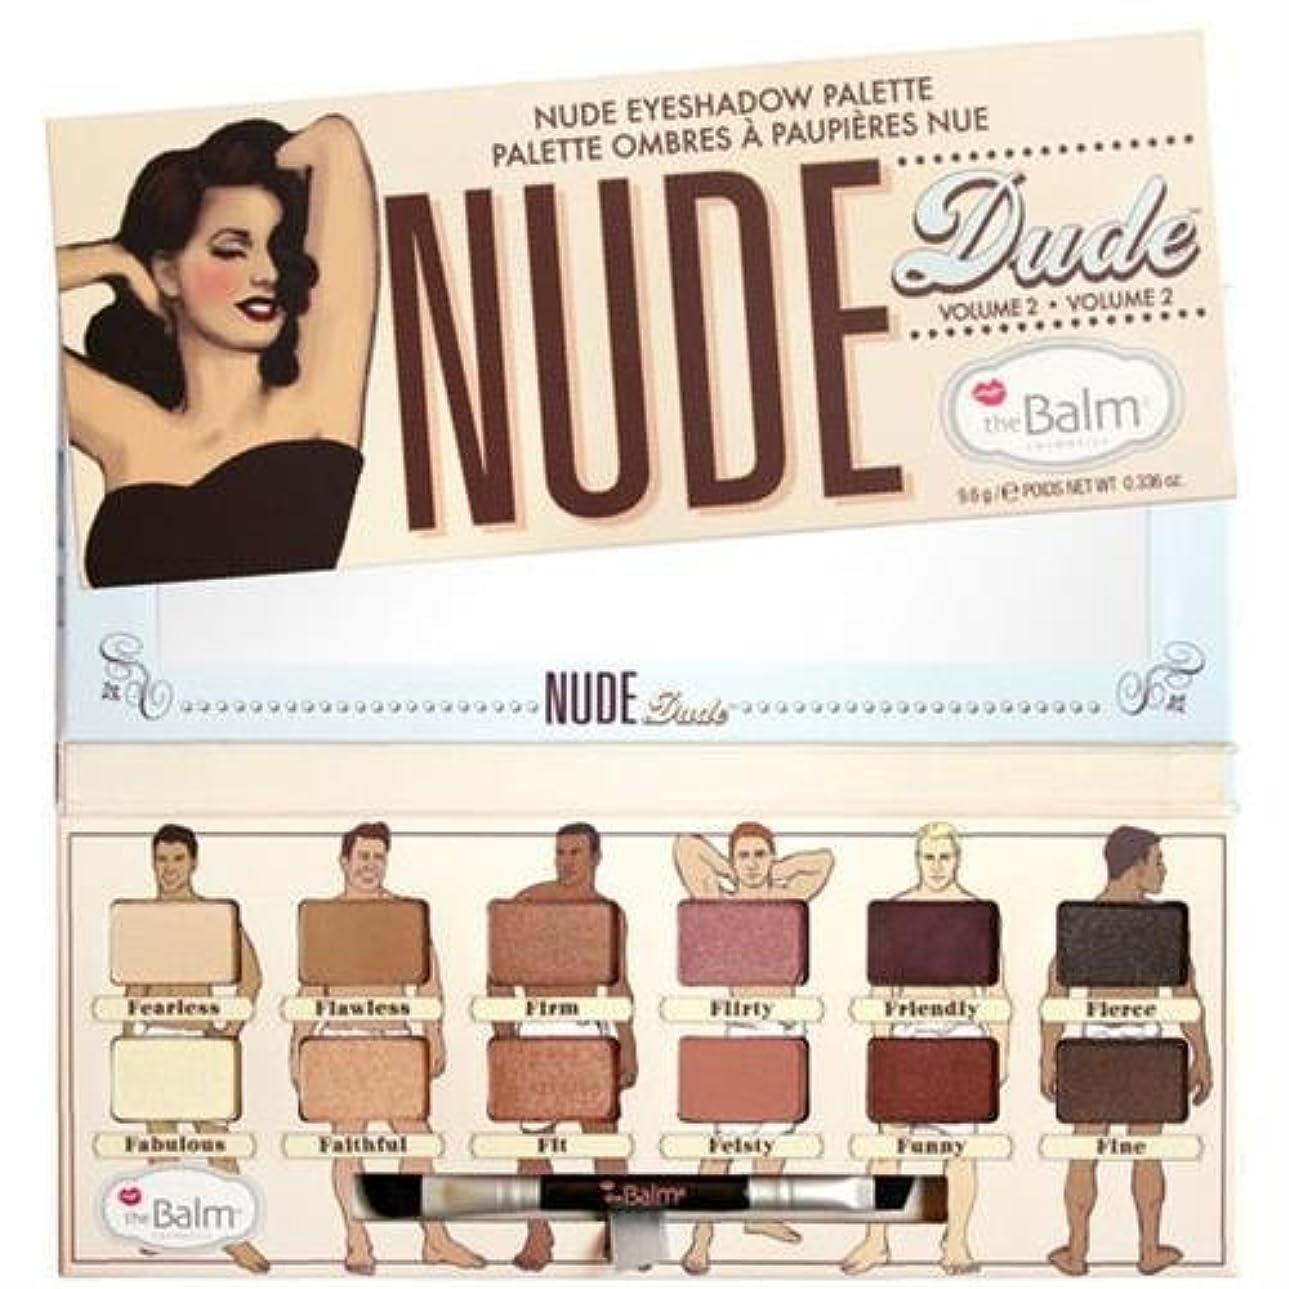 郵便局勉強するより多いThebalm Nude Dude Nude Eyeshadow Palette (並行輸入品) [並行輸入品]